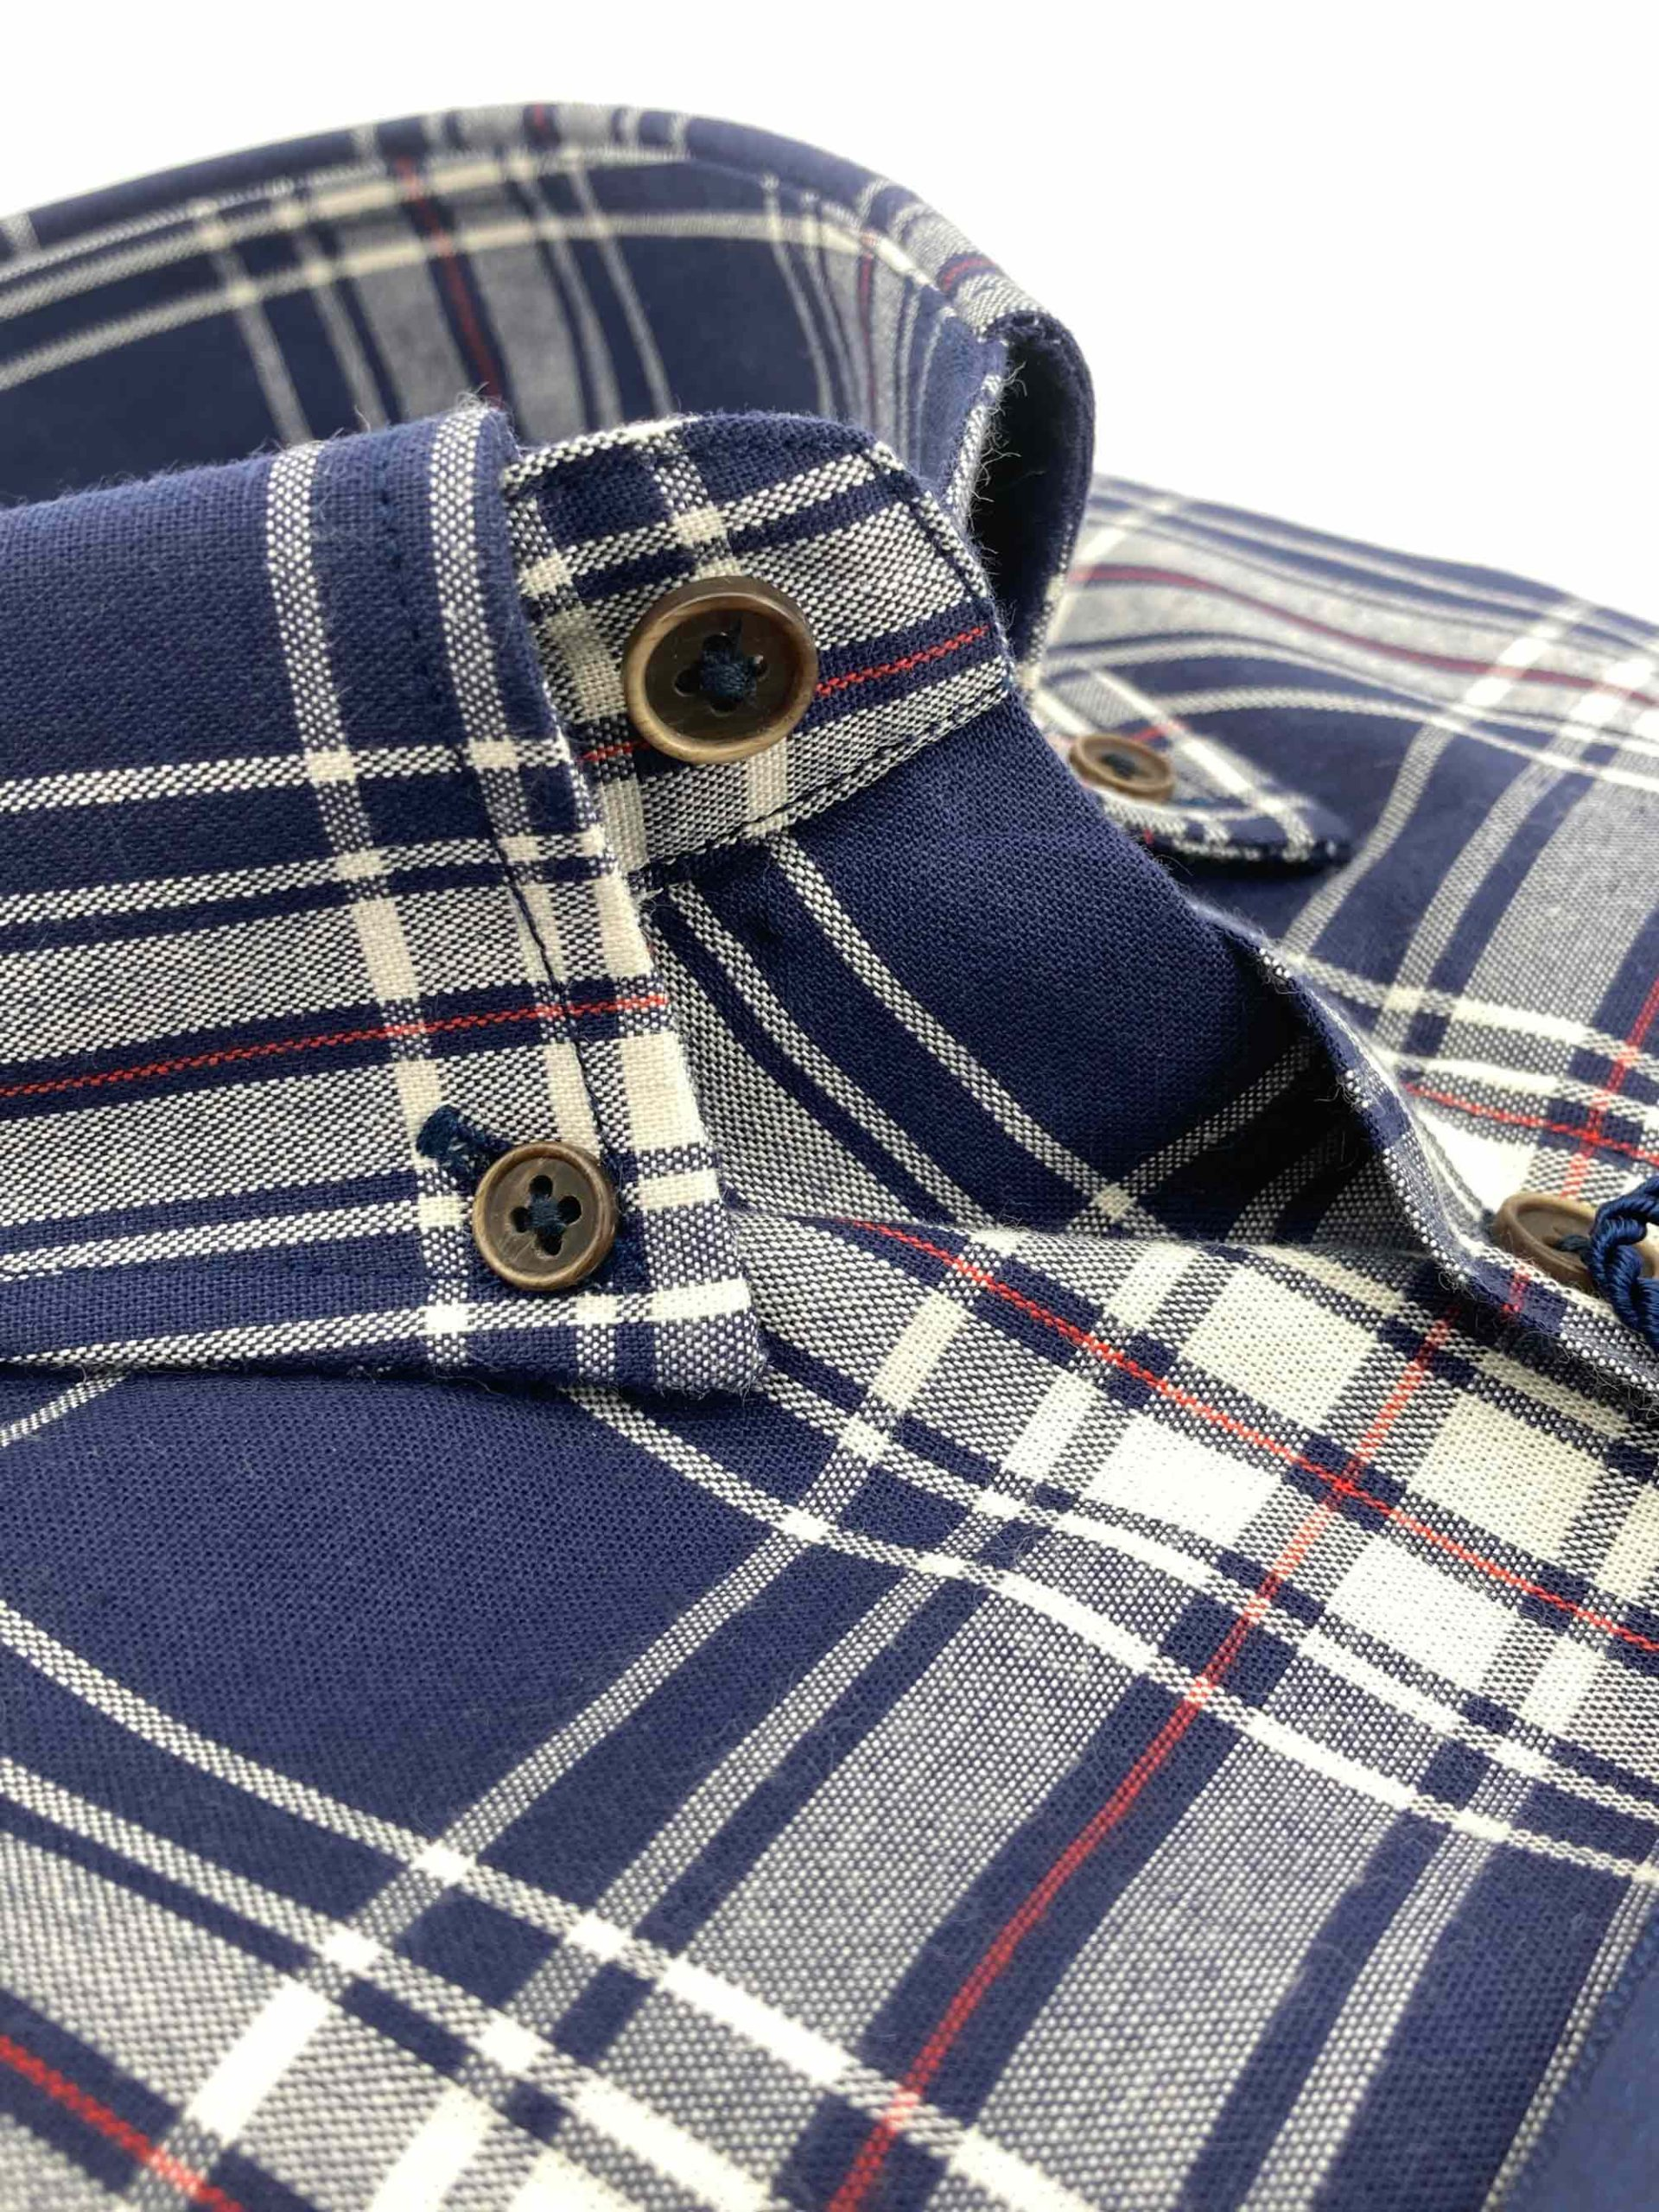 camisas buona fortuna comprar online camisas italianas exlusivas cuadros marino crudo y rojo